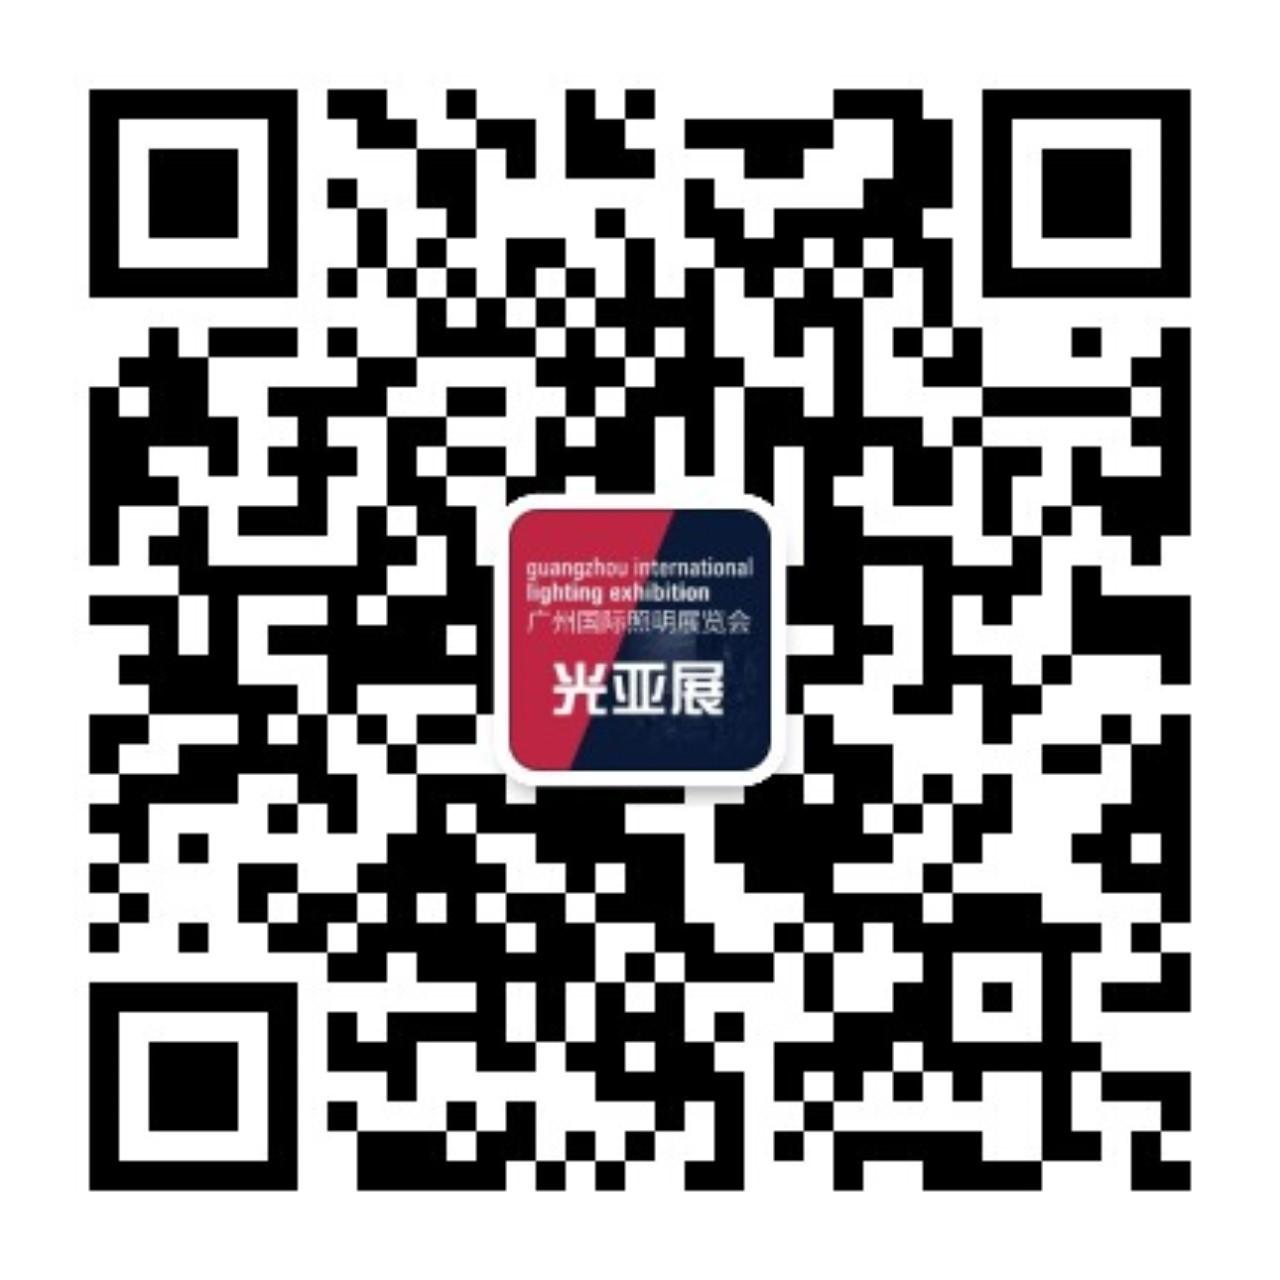 广州国际照明展公众号二维码